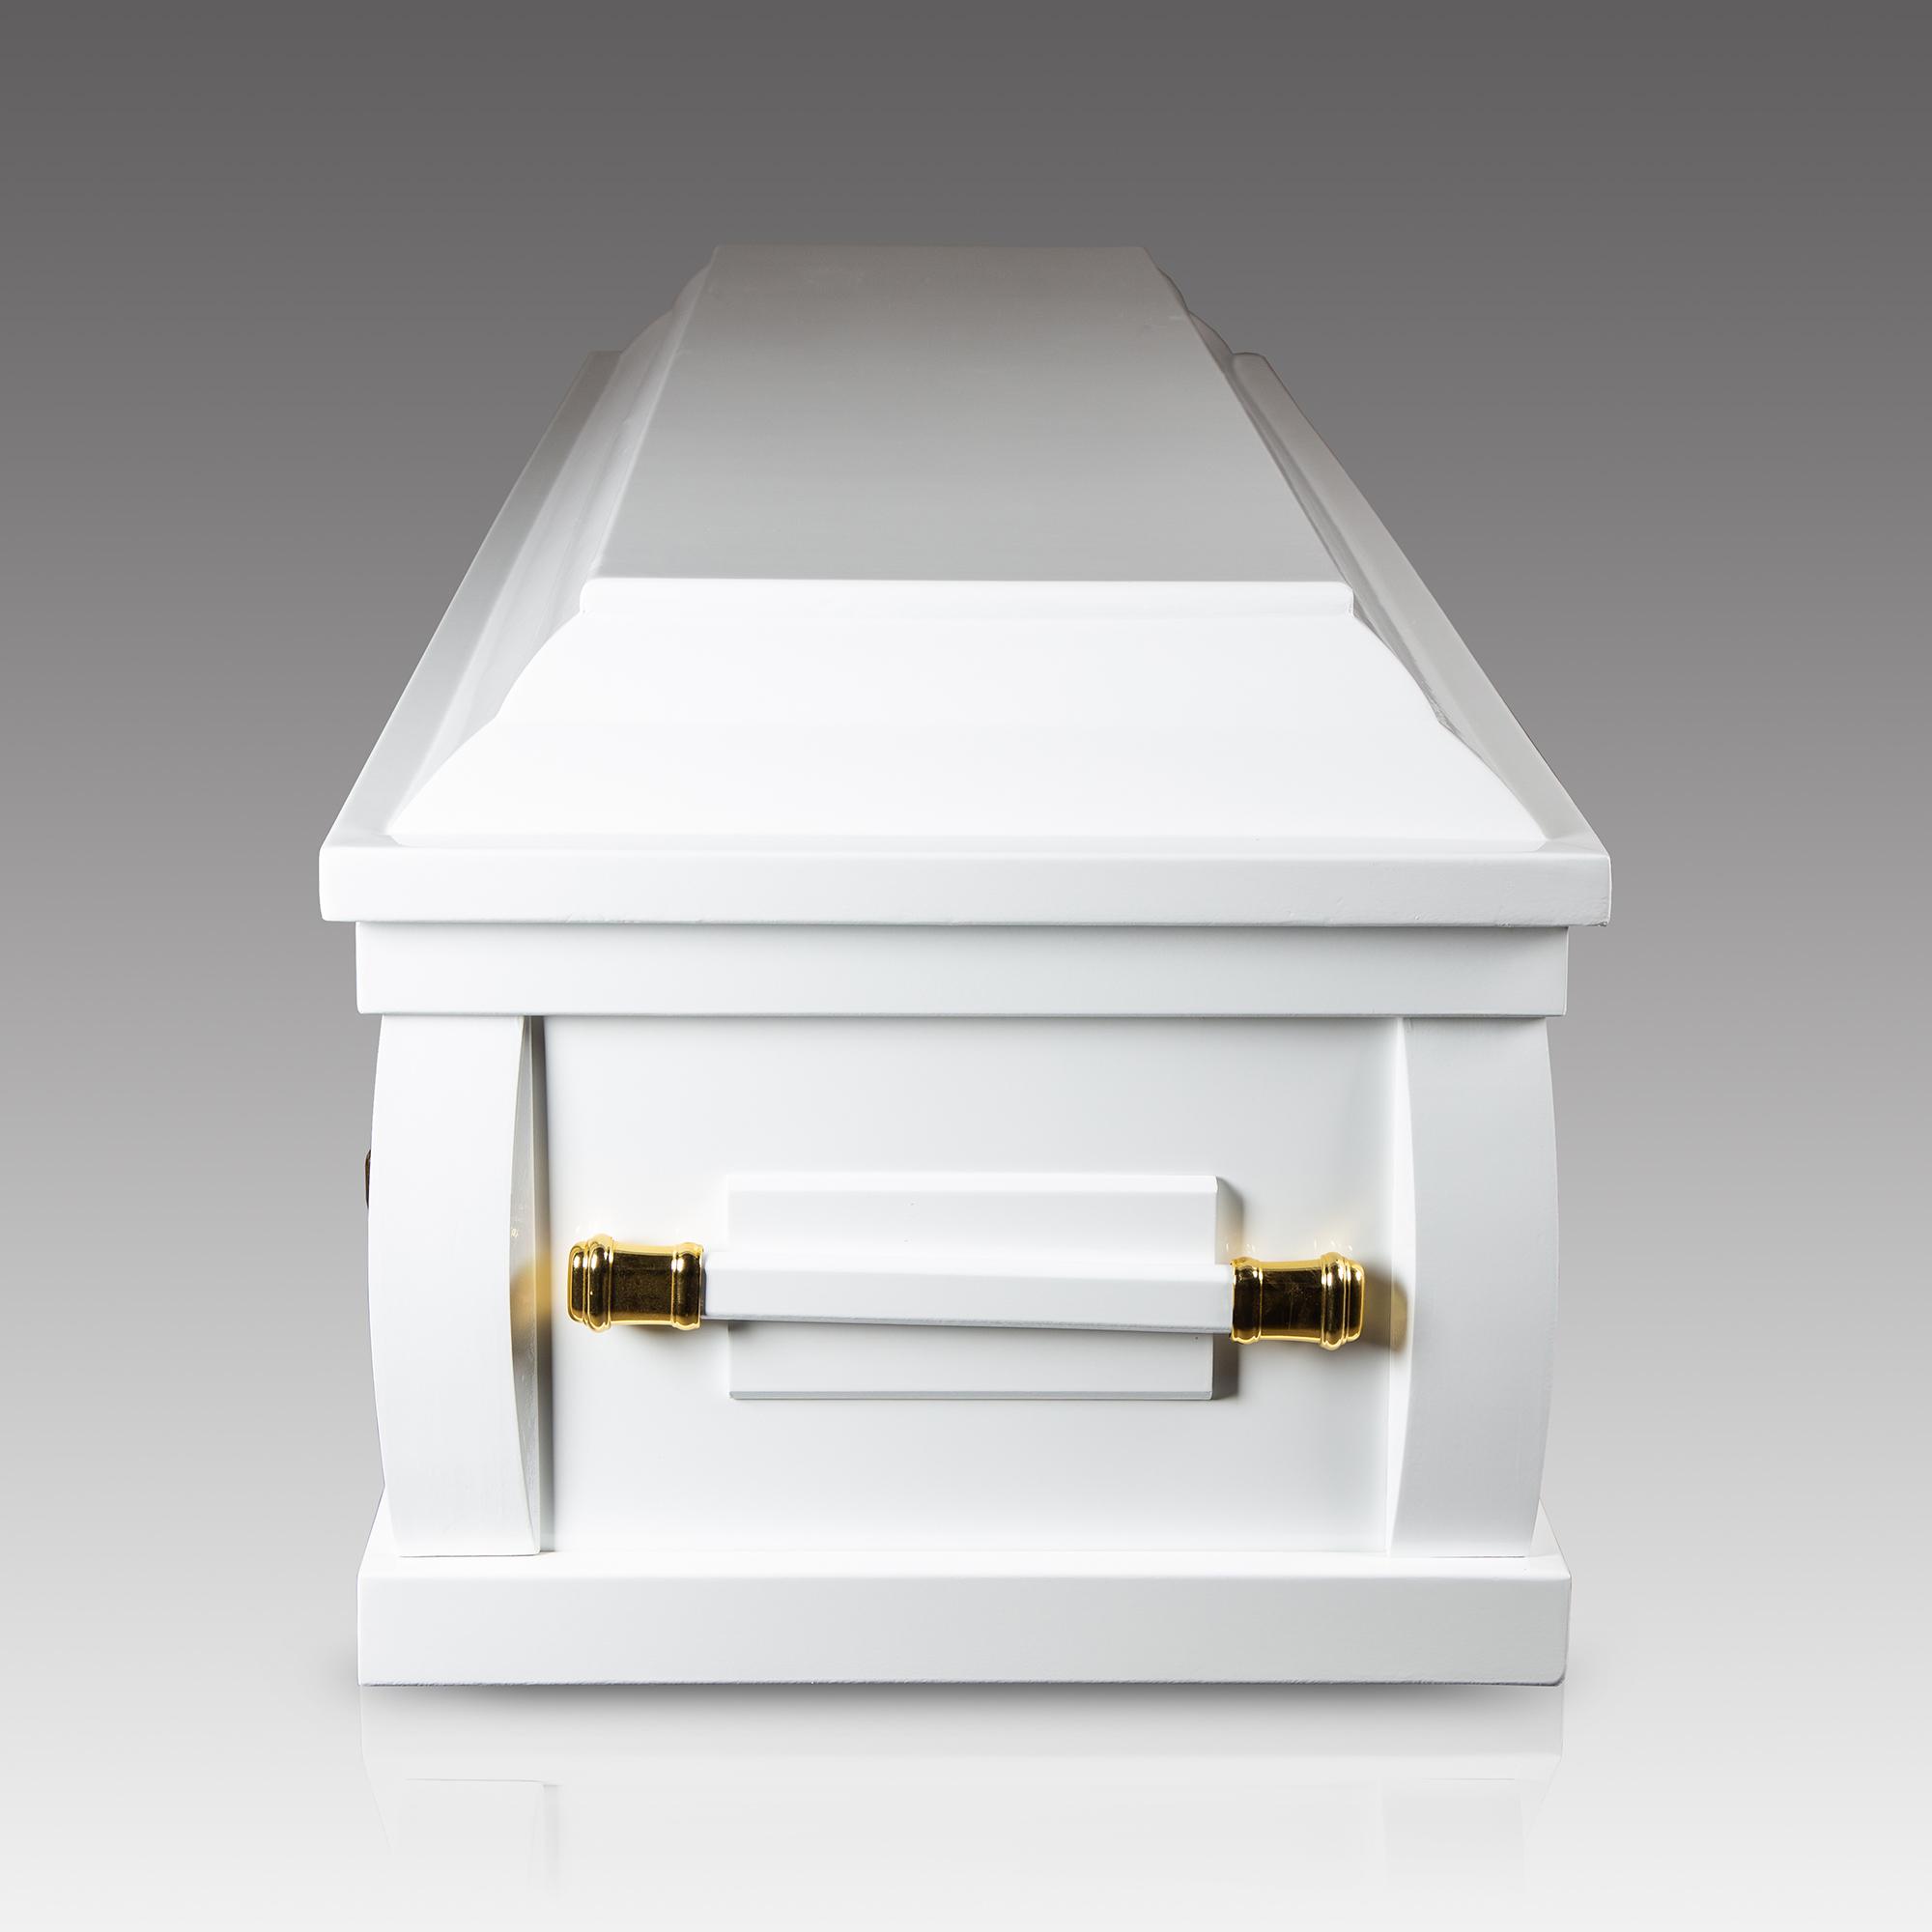 棺木-2尺1環保扶手棺白色-北北基桃